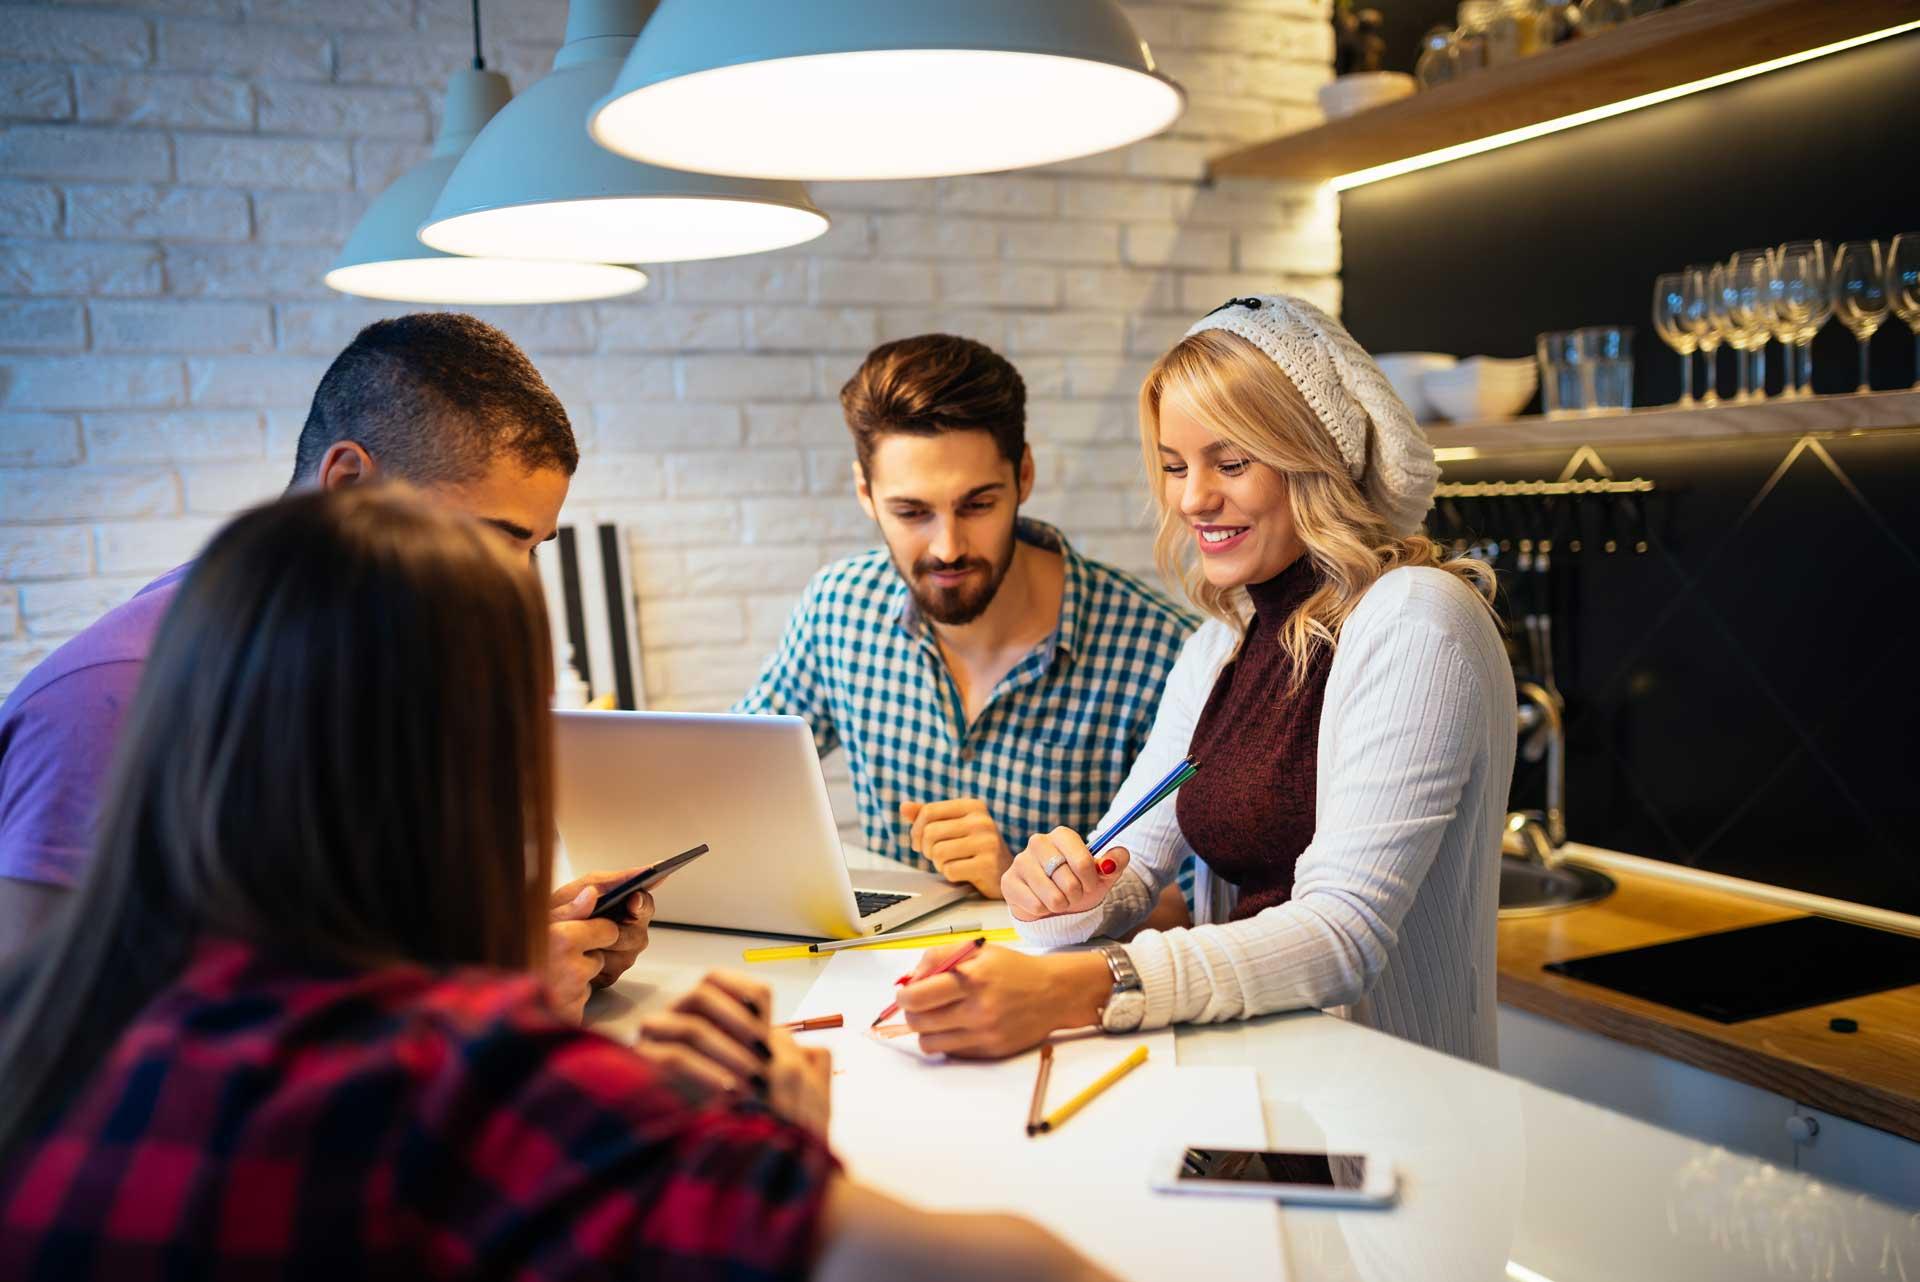 L'importanza dell'Area Break in ufficio